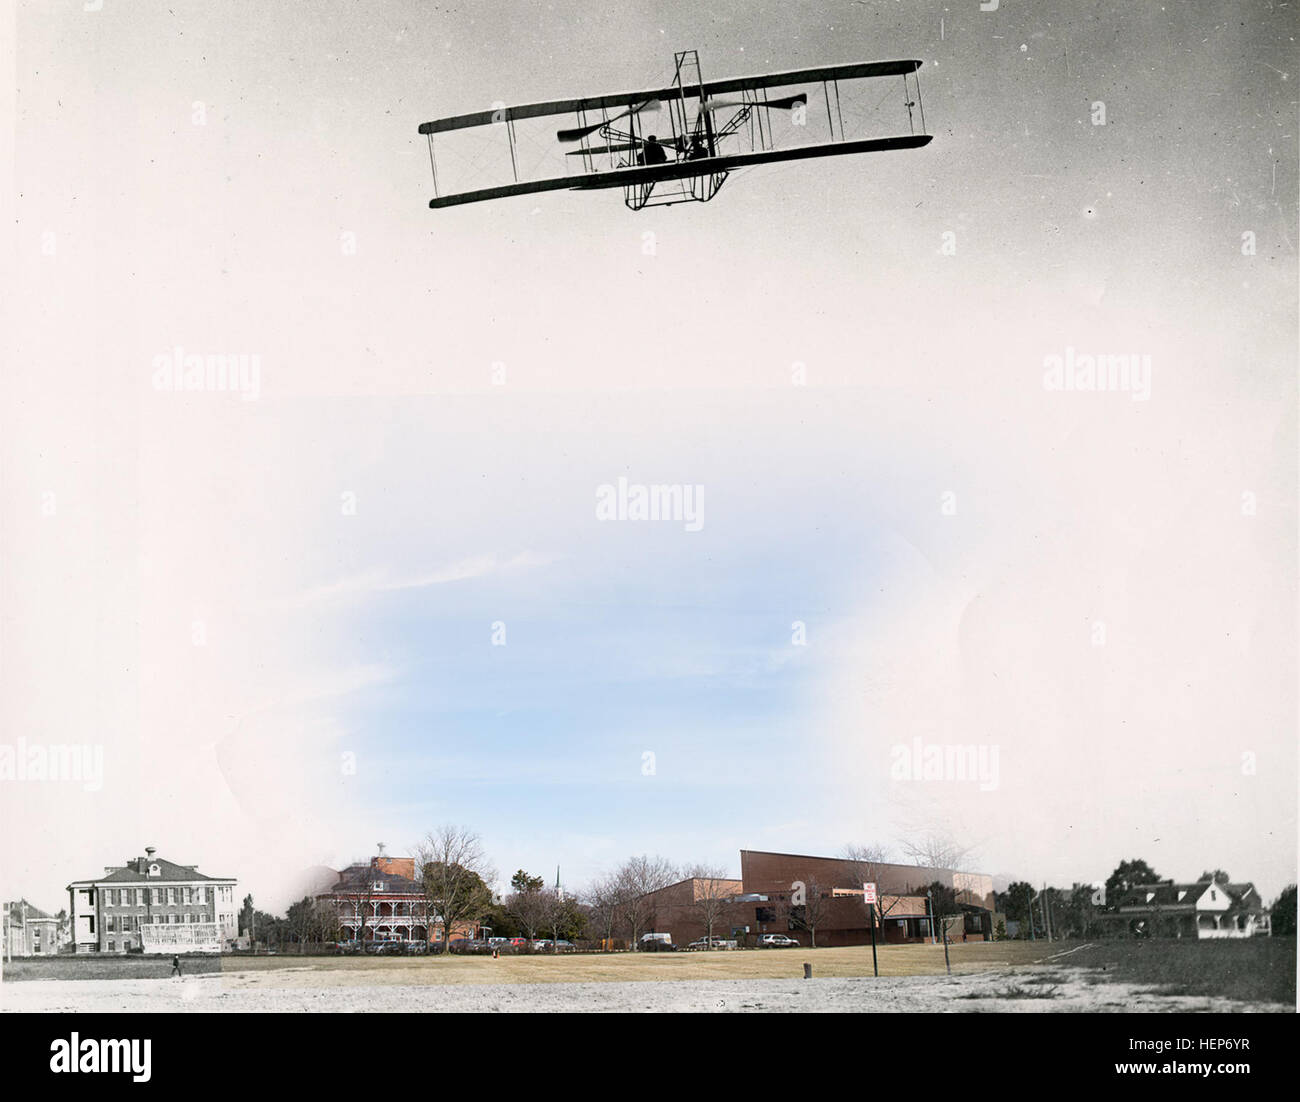 Cette image, date initiale et photographe inconnu, est d'un des avions des Frères Wright piloté plus de ce qui était alors Fort Myer, maintenant le Fort Myer partie de Joint Base Myer-Henderson Hall. Il ne peut pas être déterminé qui pilote l'avion dans cette photographie. La couleur de la photographie a été prise dans un endroit similaire près du bord de champ et Summerall Bldg. 417, le 16 mars. Le lieutenant Thomas Selfridge est crédité d'être le premier officier militaire de voler un vol en solo le 19 mai 1908, à Hammondsport, N.Y., selon le premier vol site web de la société. Le 17 septembre de la même année, Selfridge, w Banque D'Images